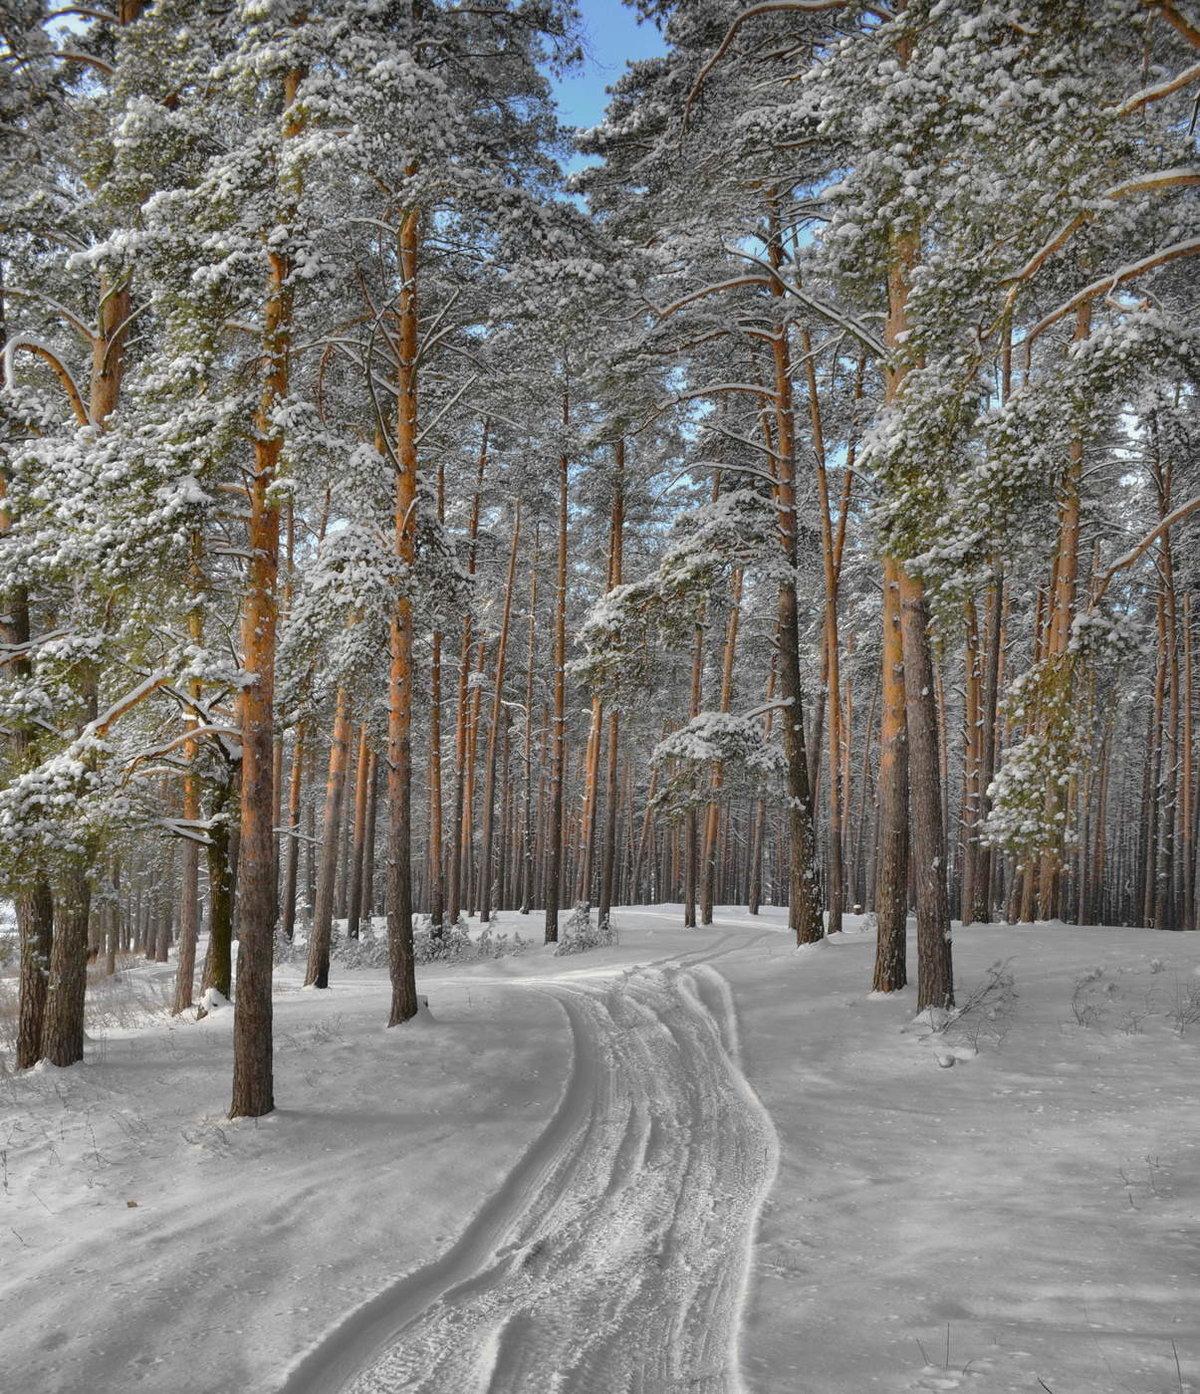 фото зимовок в лесу татуировки занимают всю